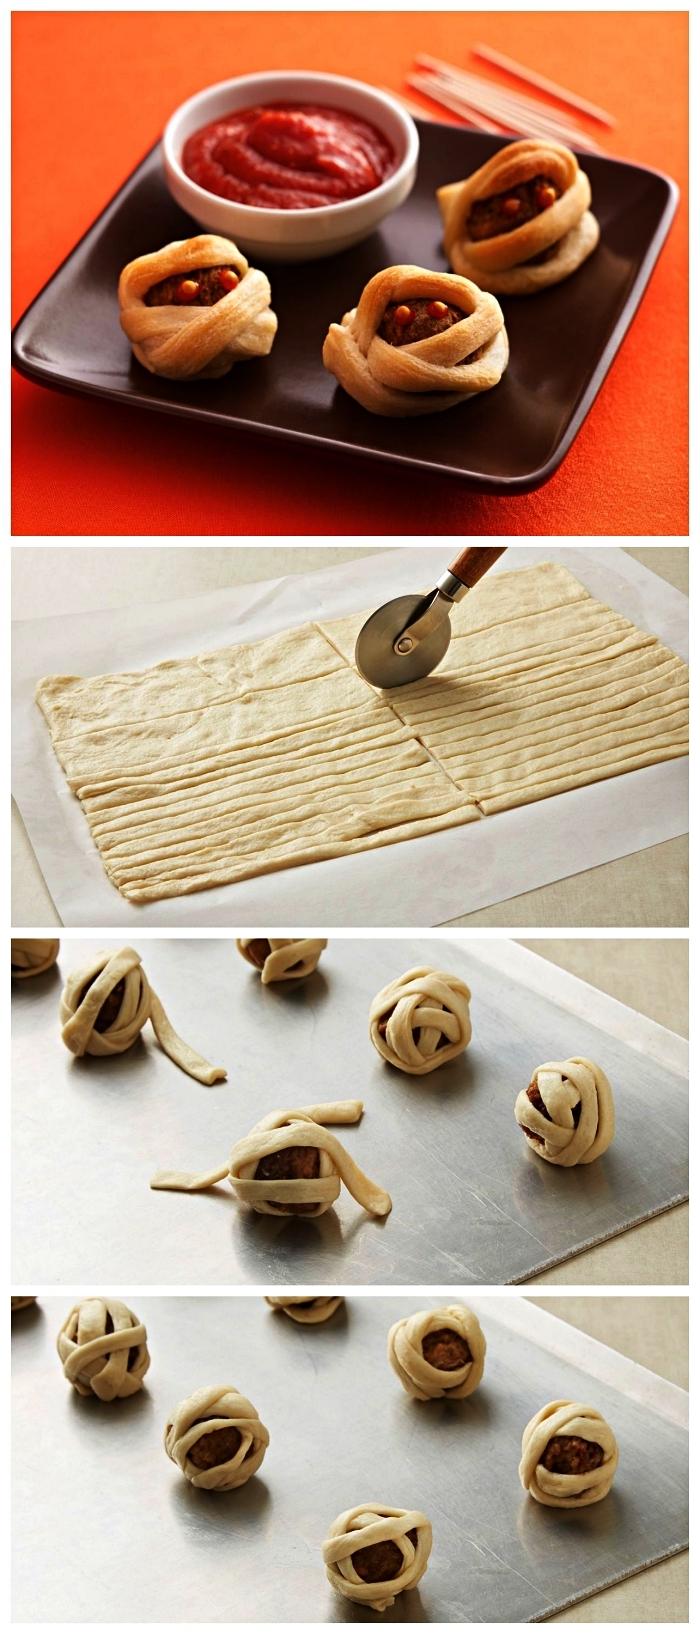 réaliser des momies en boulettes de viande enroulées de bandes de pâte feuilletée, recette halloween originale de boulettes momies